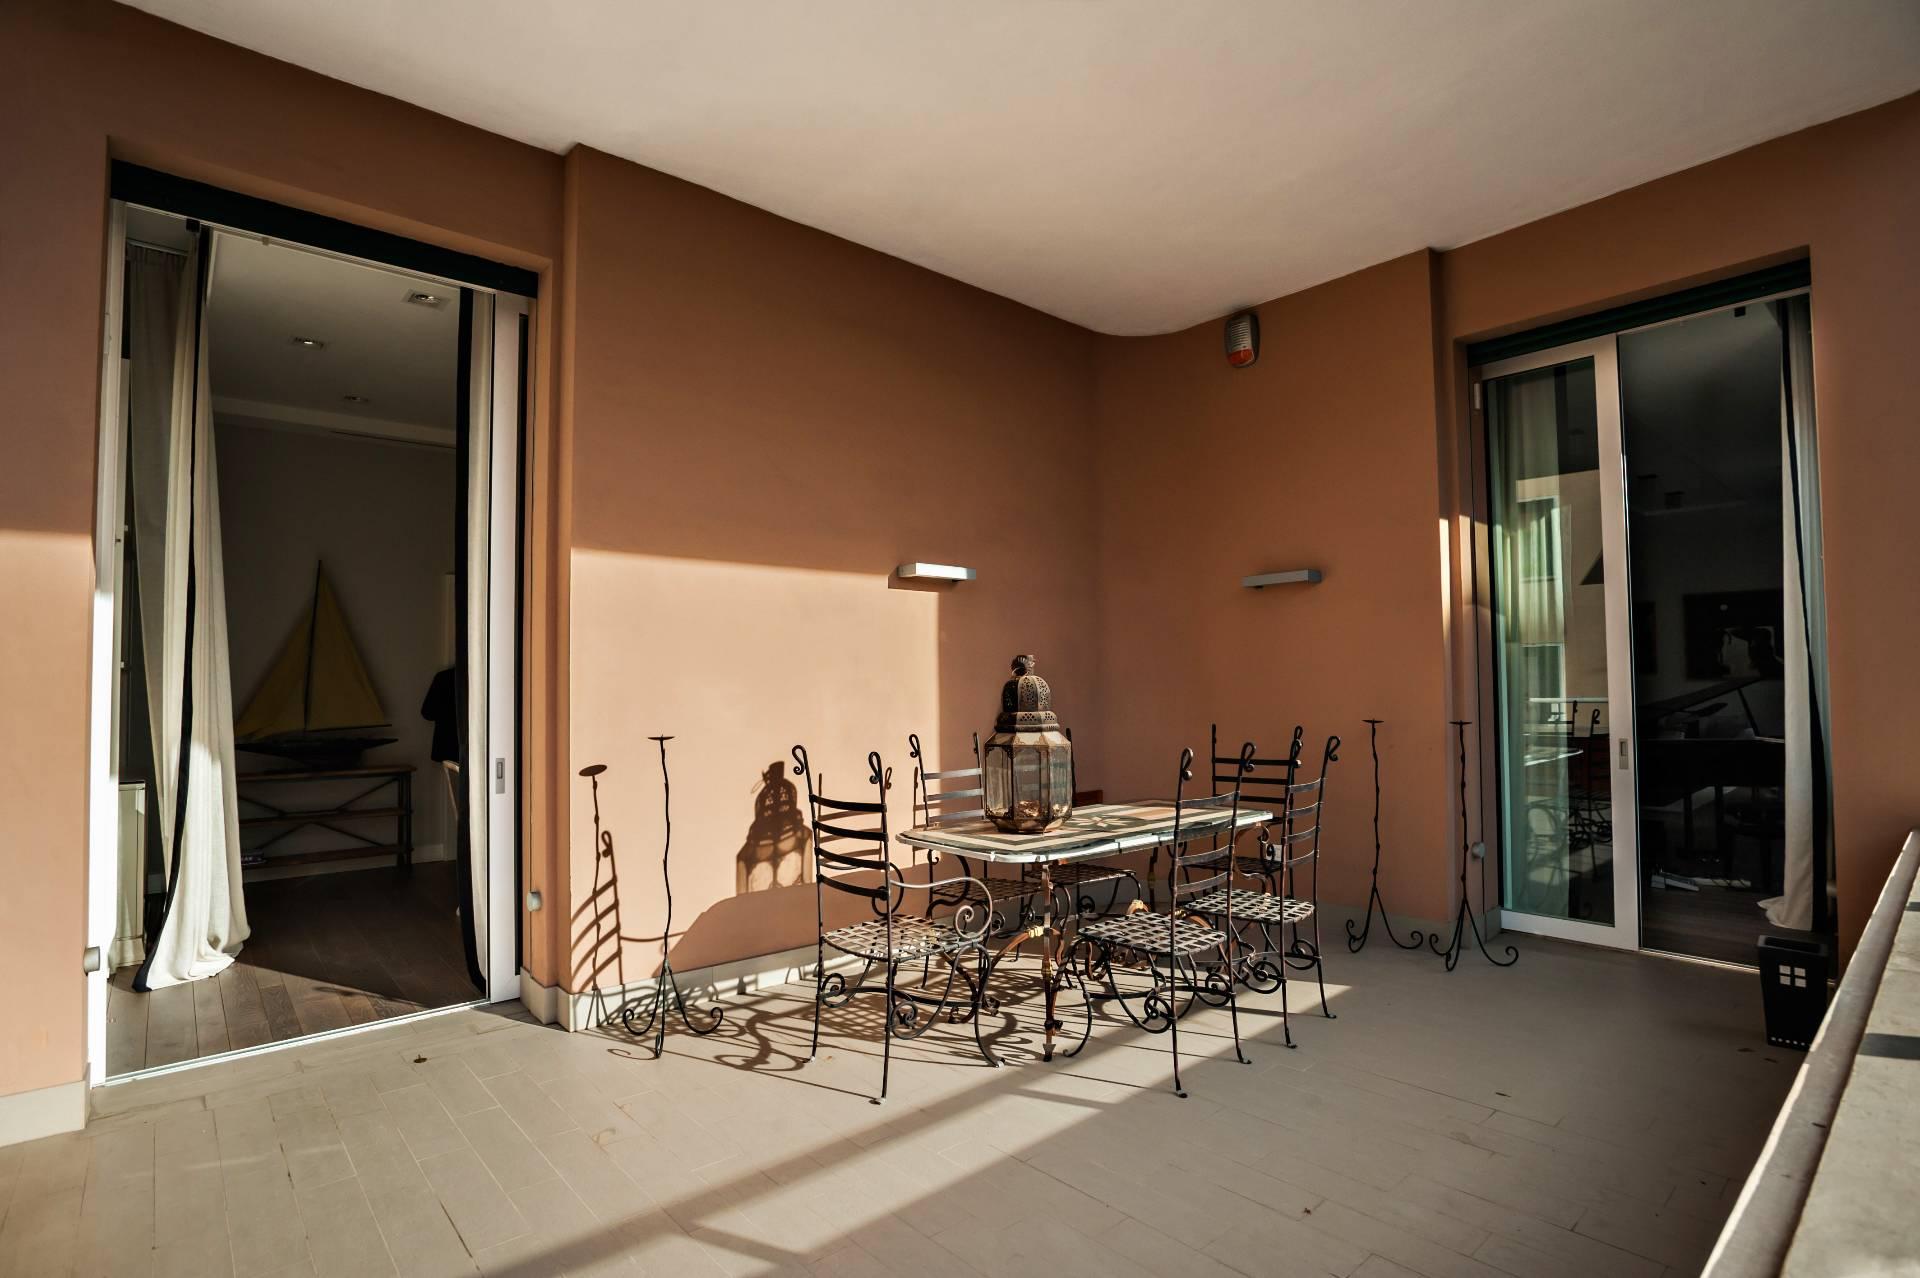 Cbi038 143 30101ab appartamento in vendita a roma for Appartamento new design roma lorenz